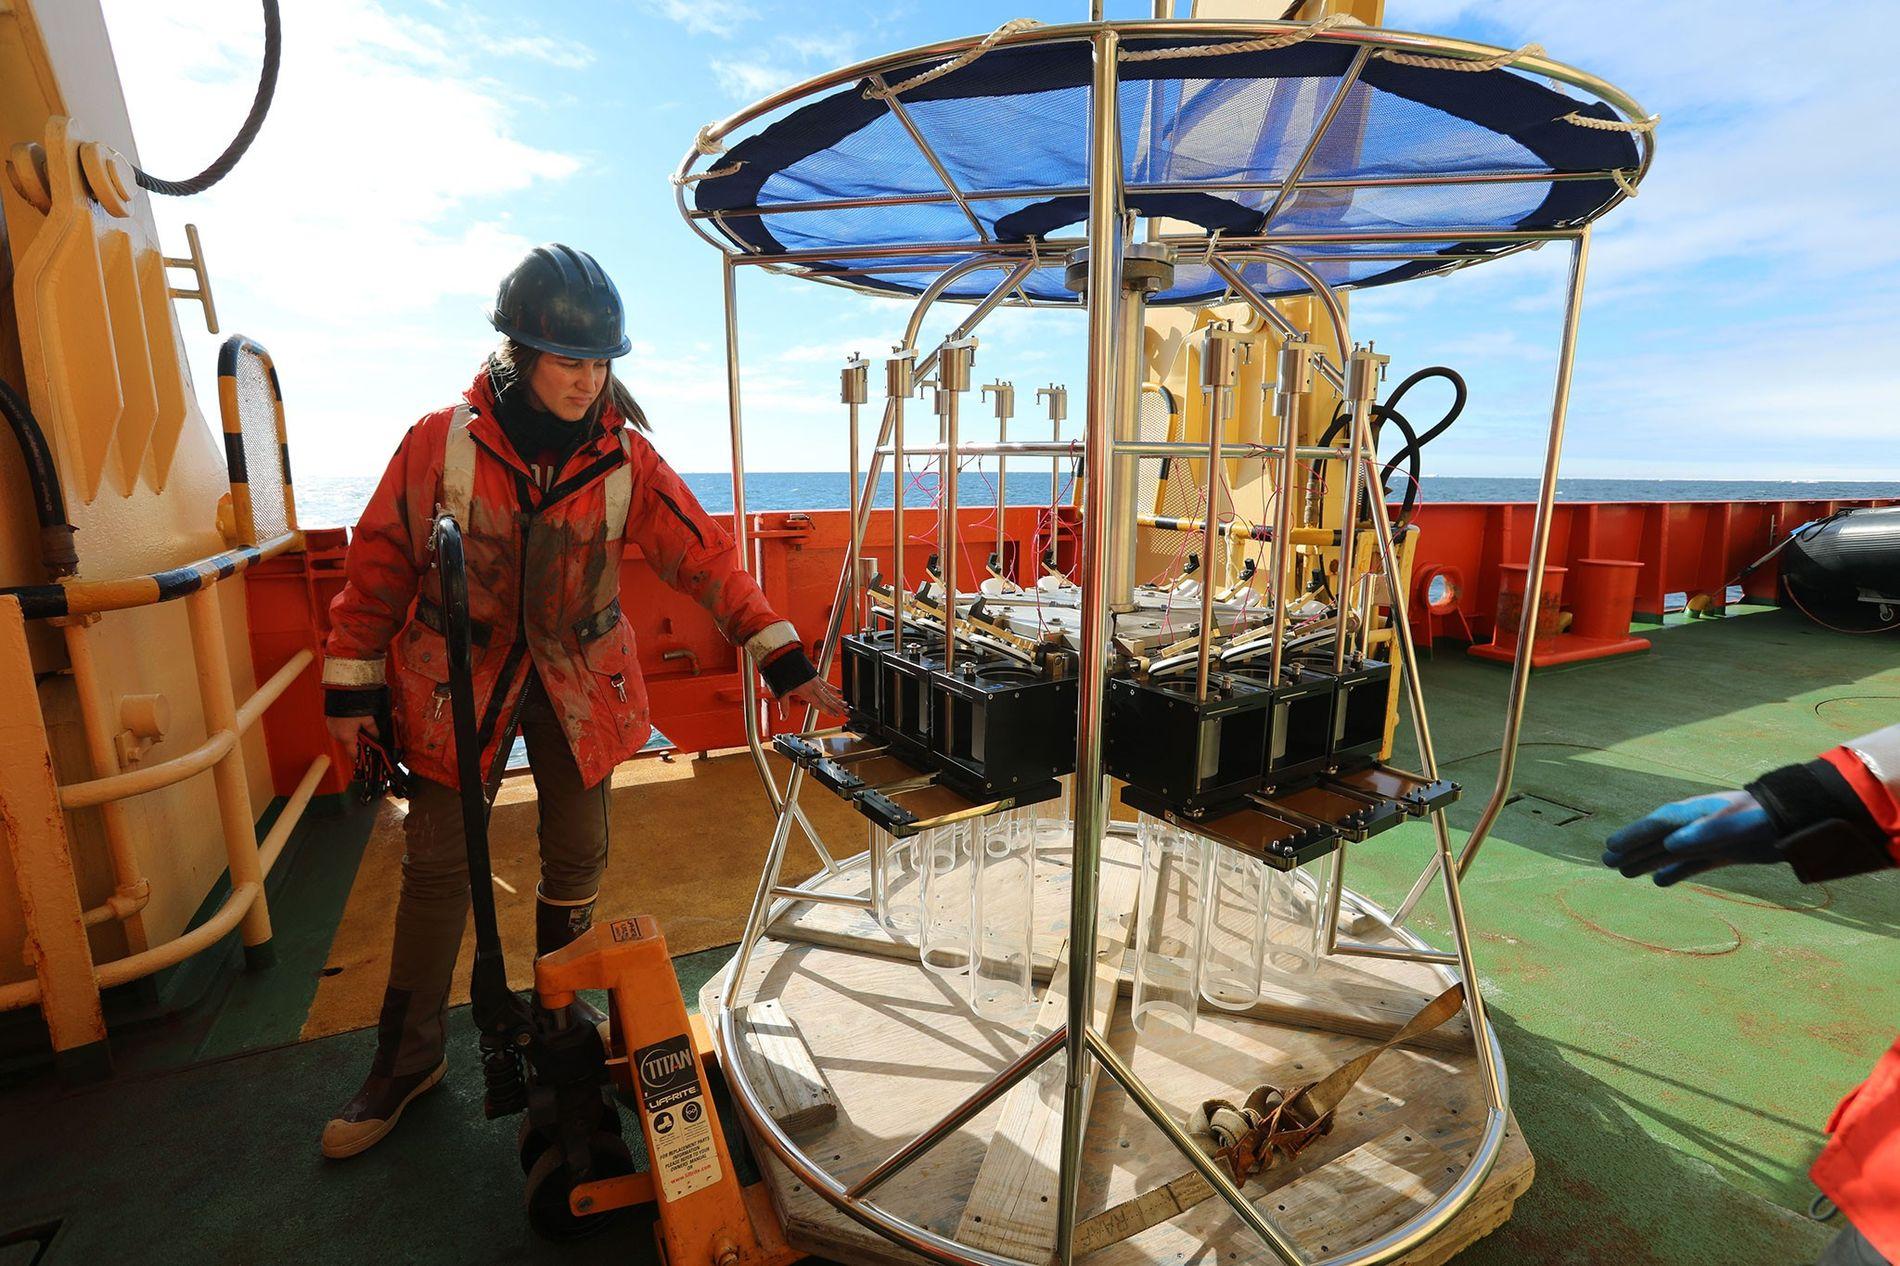 Rebecca Totten Minzoni de l'université d'Alabama prépare la machine Megacore qui viendra forer le sol de sédiments en Antarctique. L'objectif ? Mieux comprendre l'influence du climat sur la fonte des glaciers.